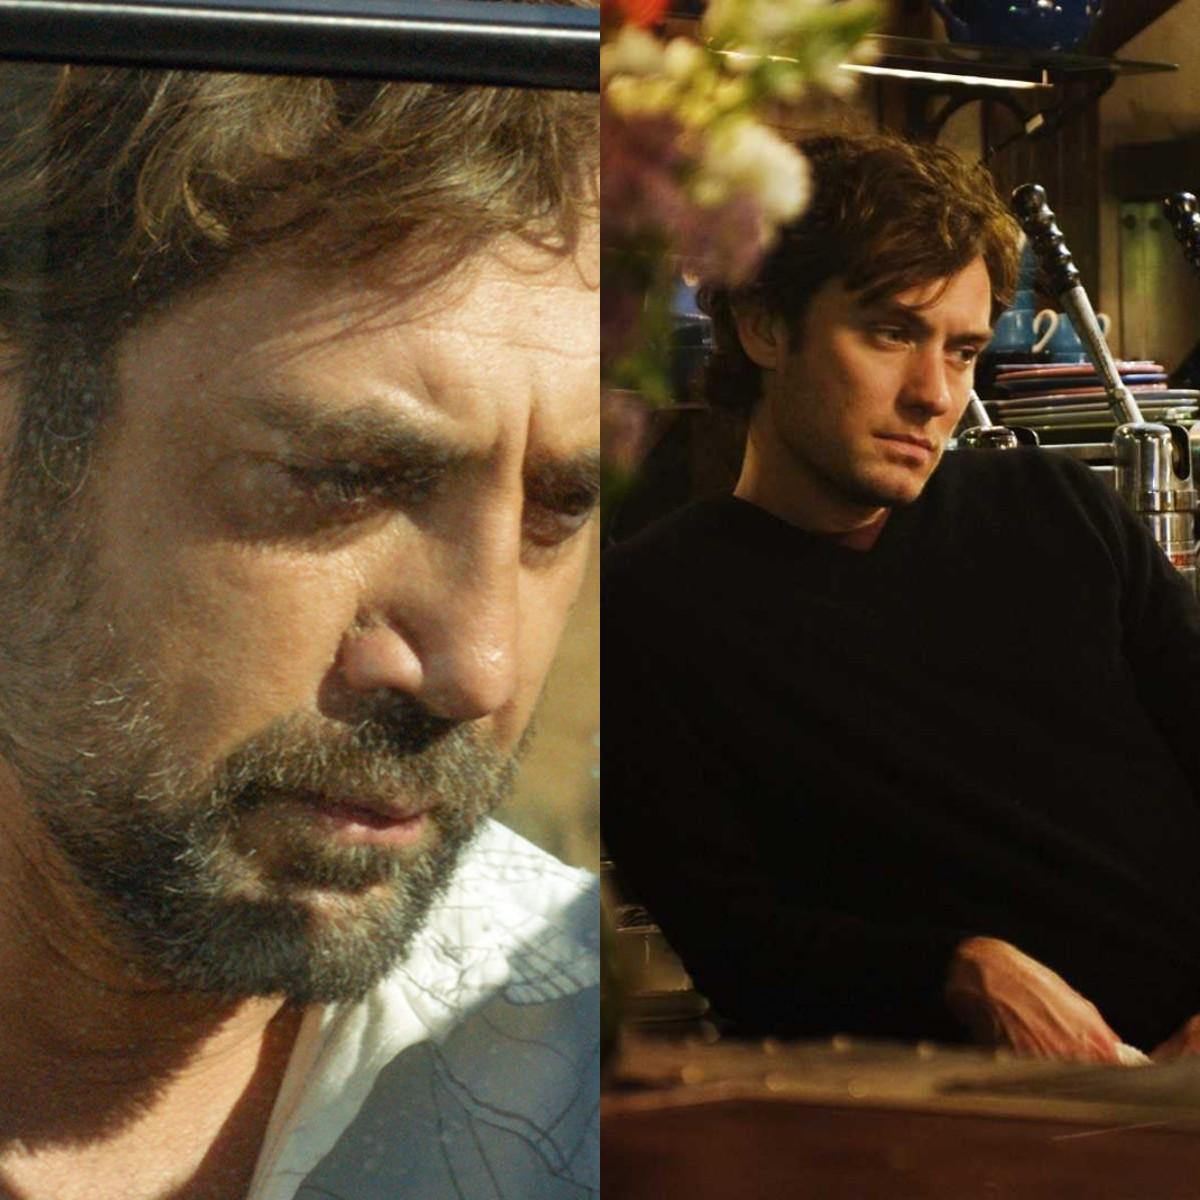 Âşık Olduğumuz Dizi ve Film Karakterleri: Paco & Jeremy - Pera Sinema